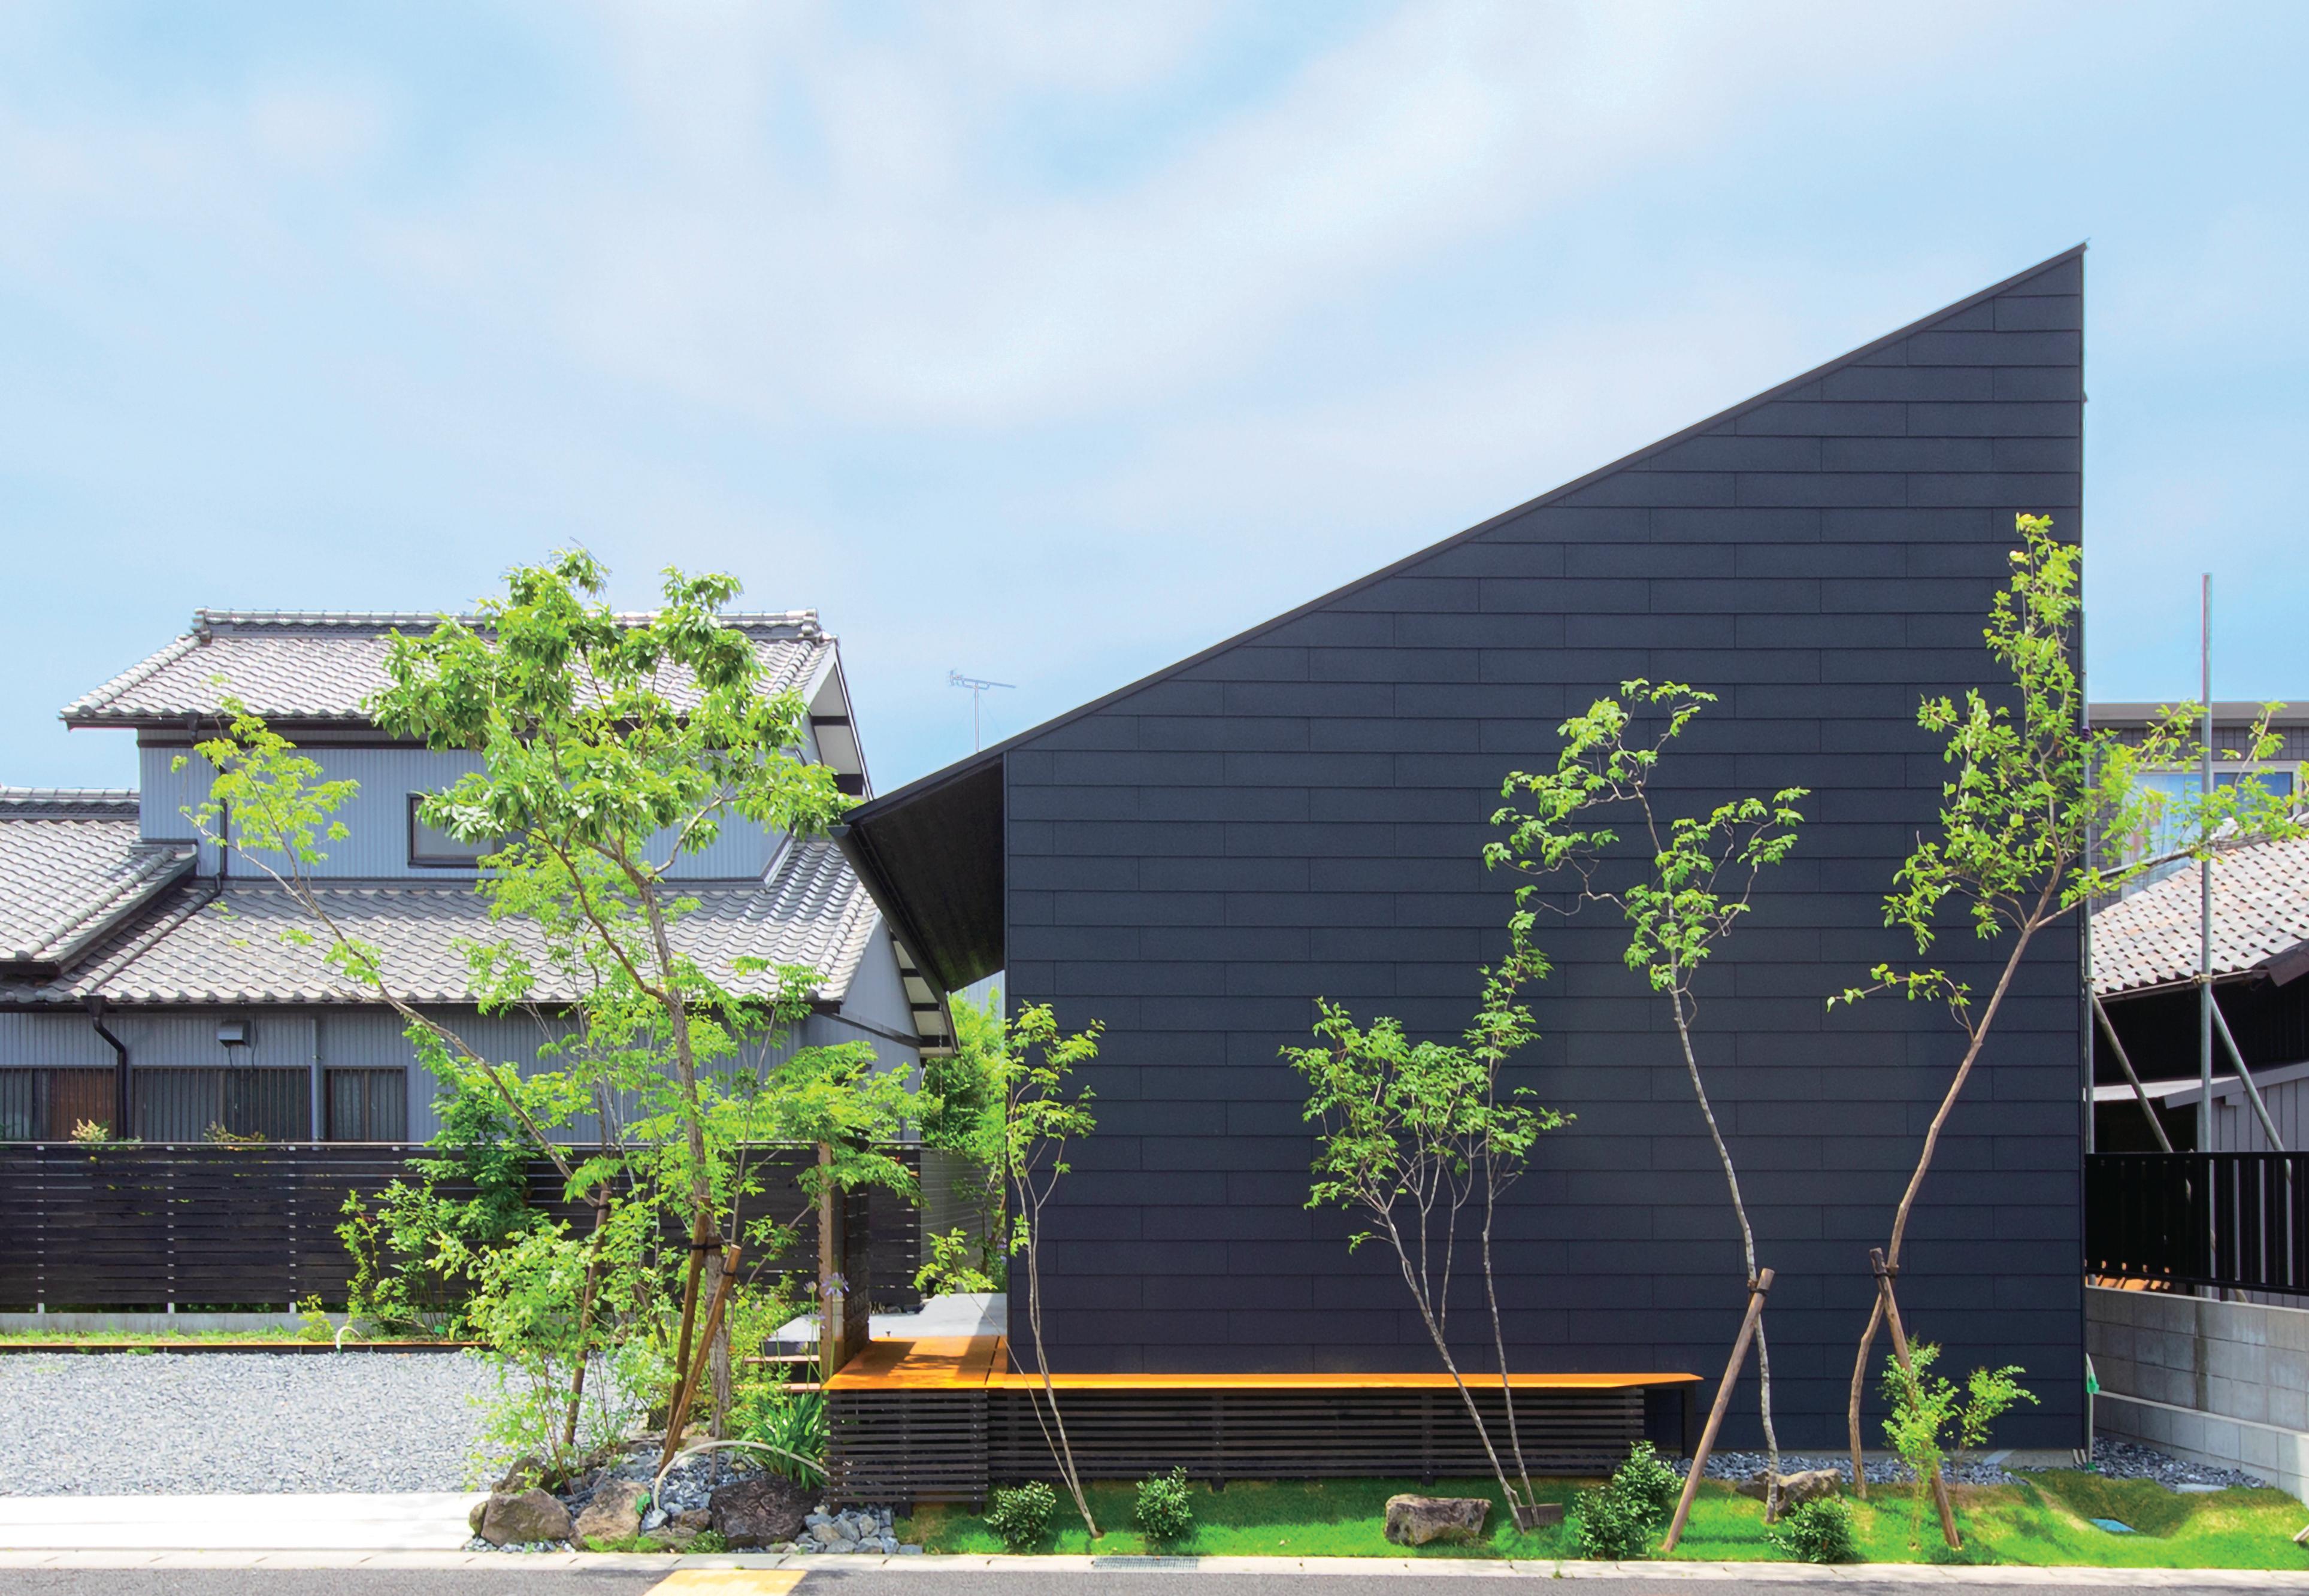 インフィルプラス【浜松市中区上島5-13-17・モデルハウス】L字型の敷地の内角にあえて四角い建物を配し、余った部分を駐車場と中庭に利用。形状に問題がある敷地だからこそ、それをクリアした建物には特別感が生まれる